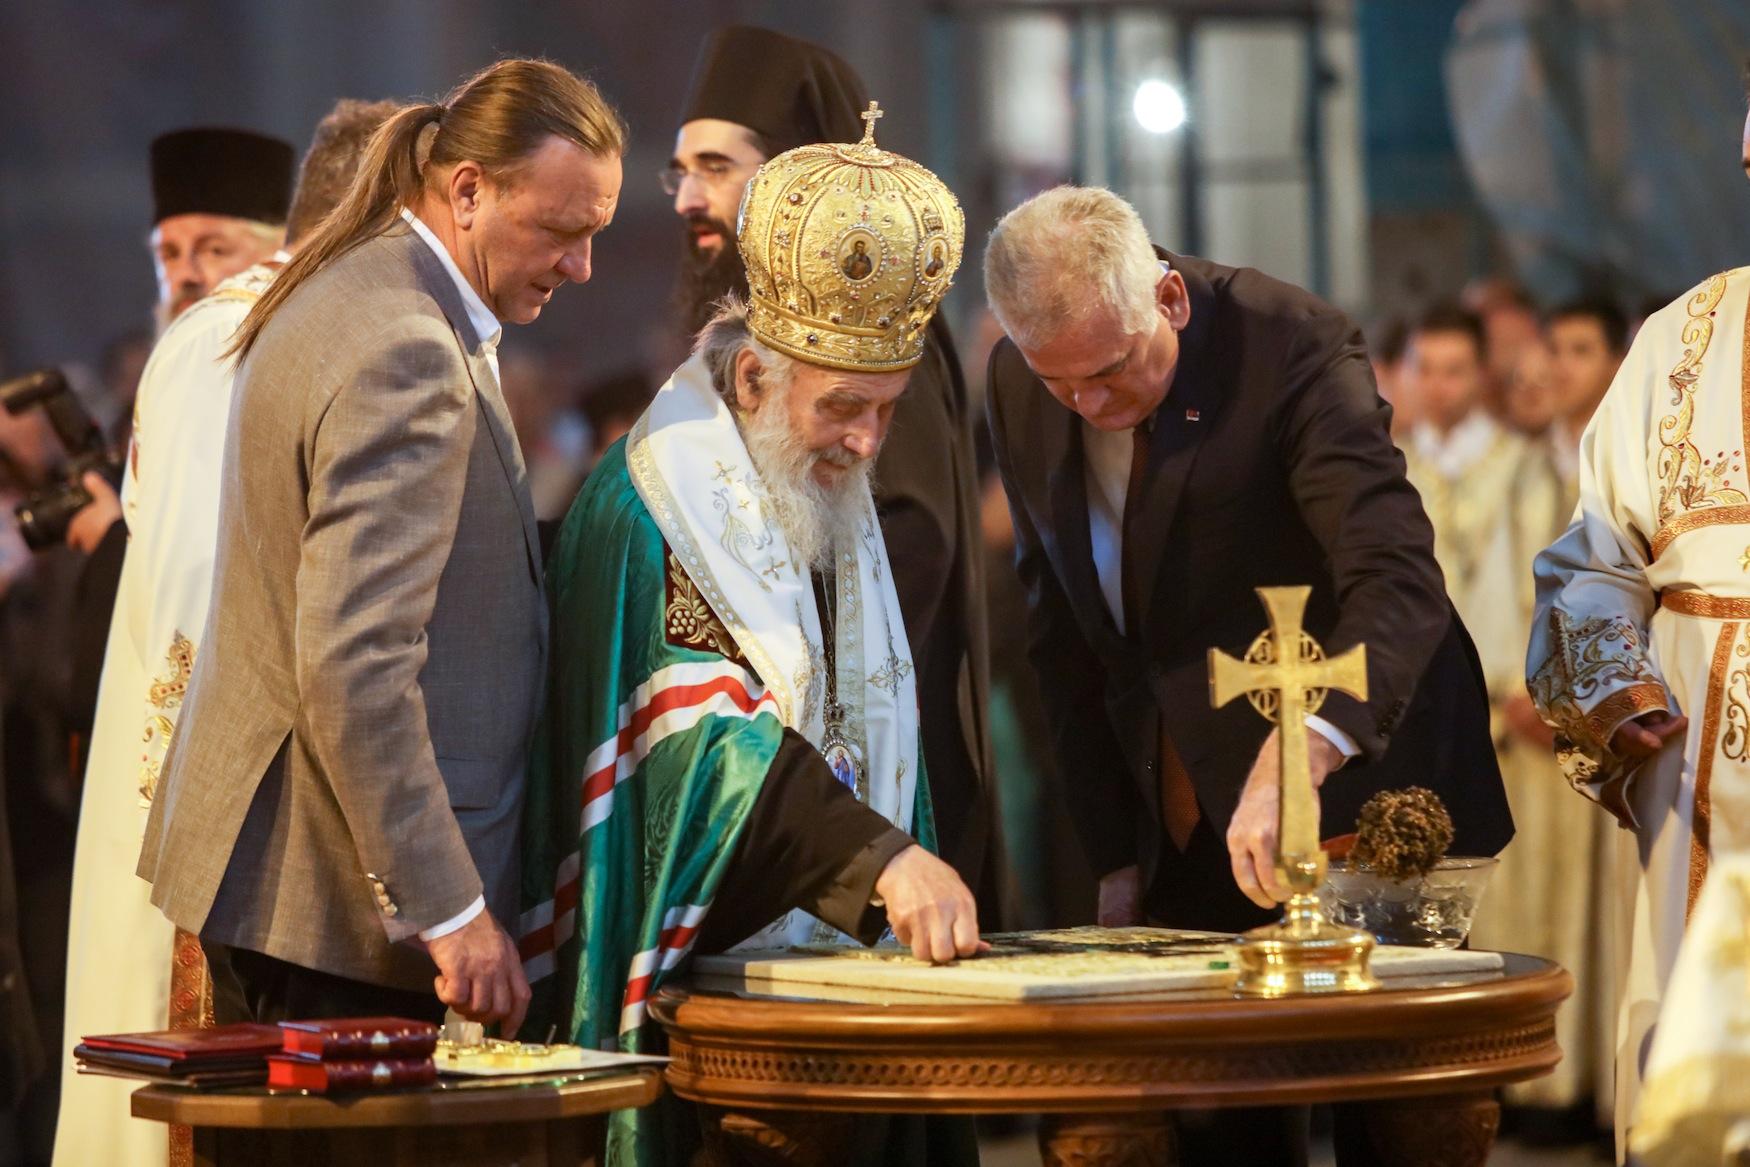 Патријарх Иринеј одликовао Александра Дјукова и Кирила Кравченка орденом Светог Саве